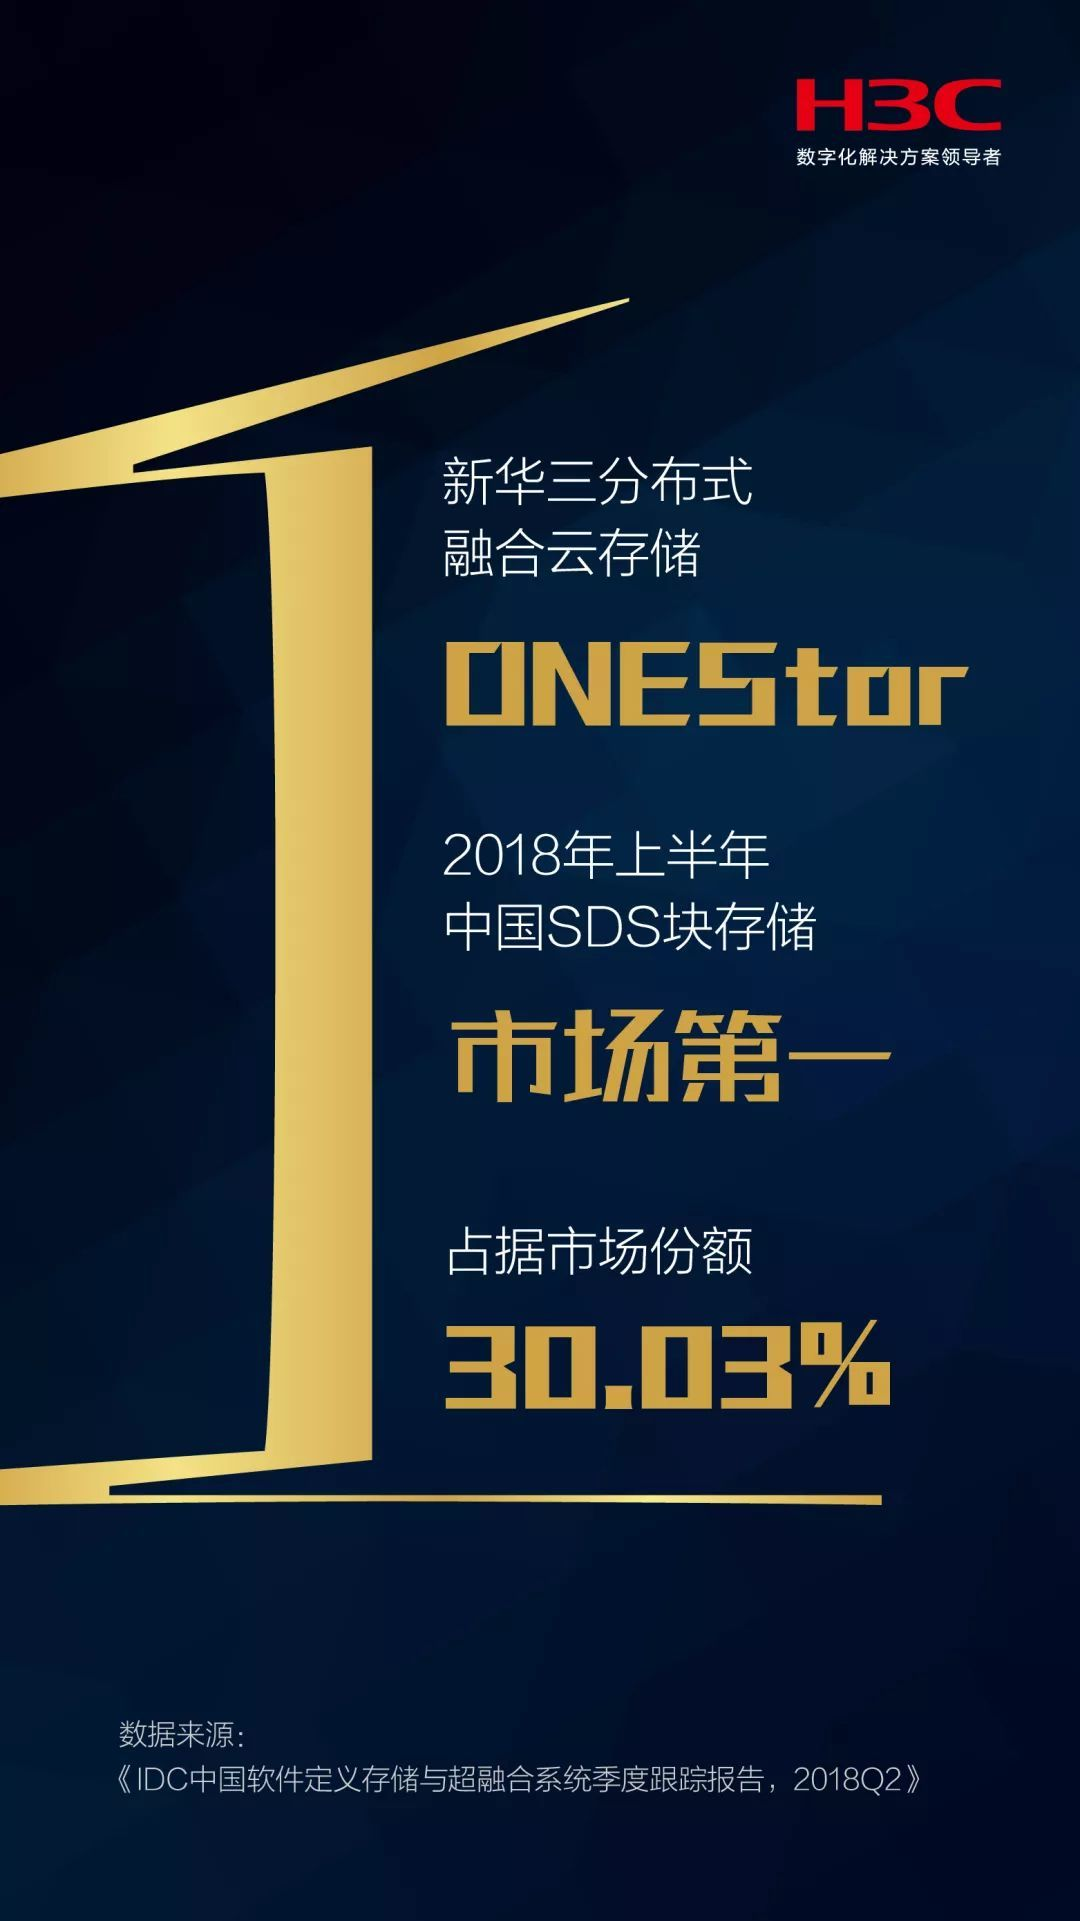 新华三2018上半年继续领跑国内SDS块存储市场